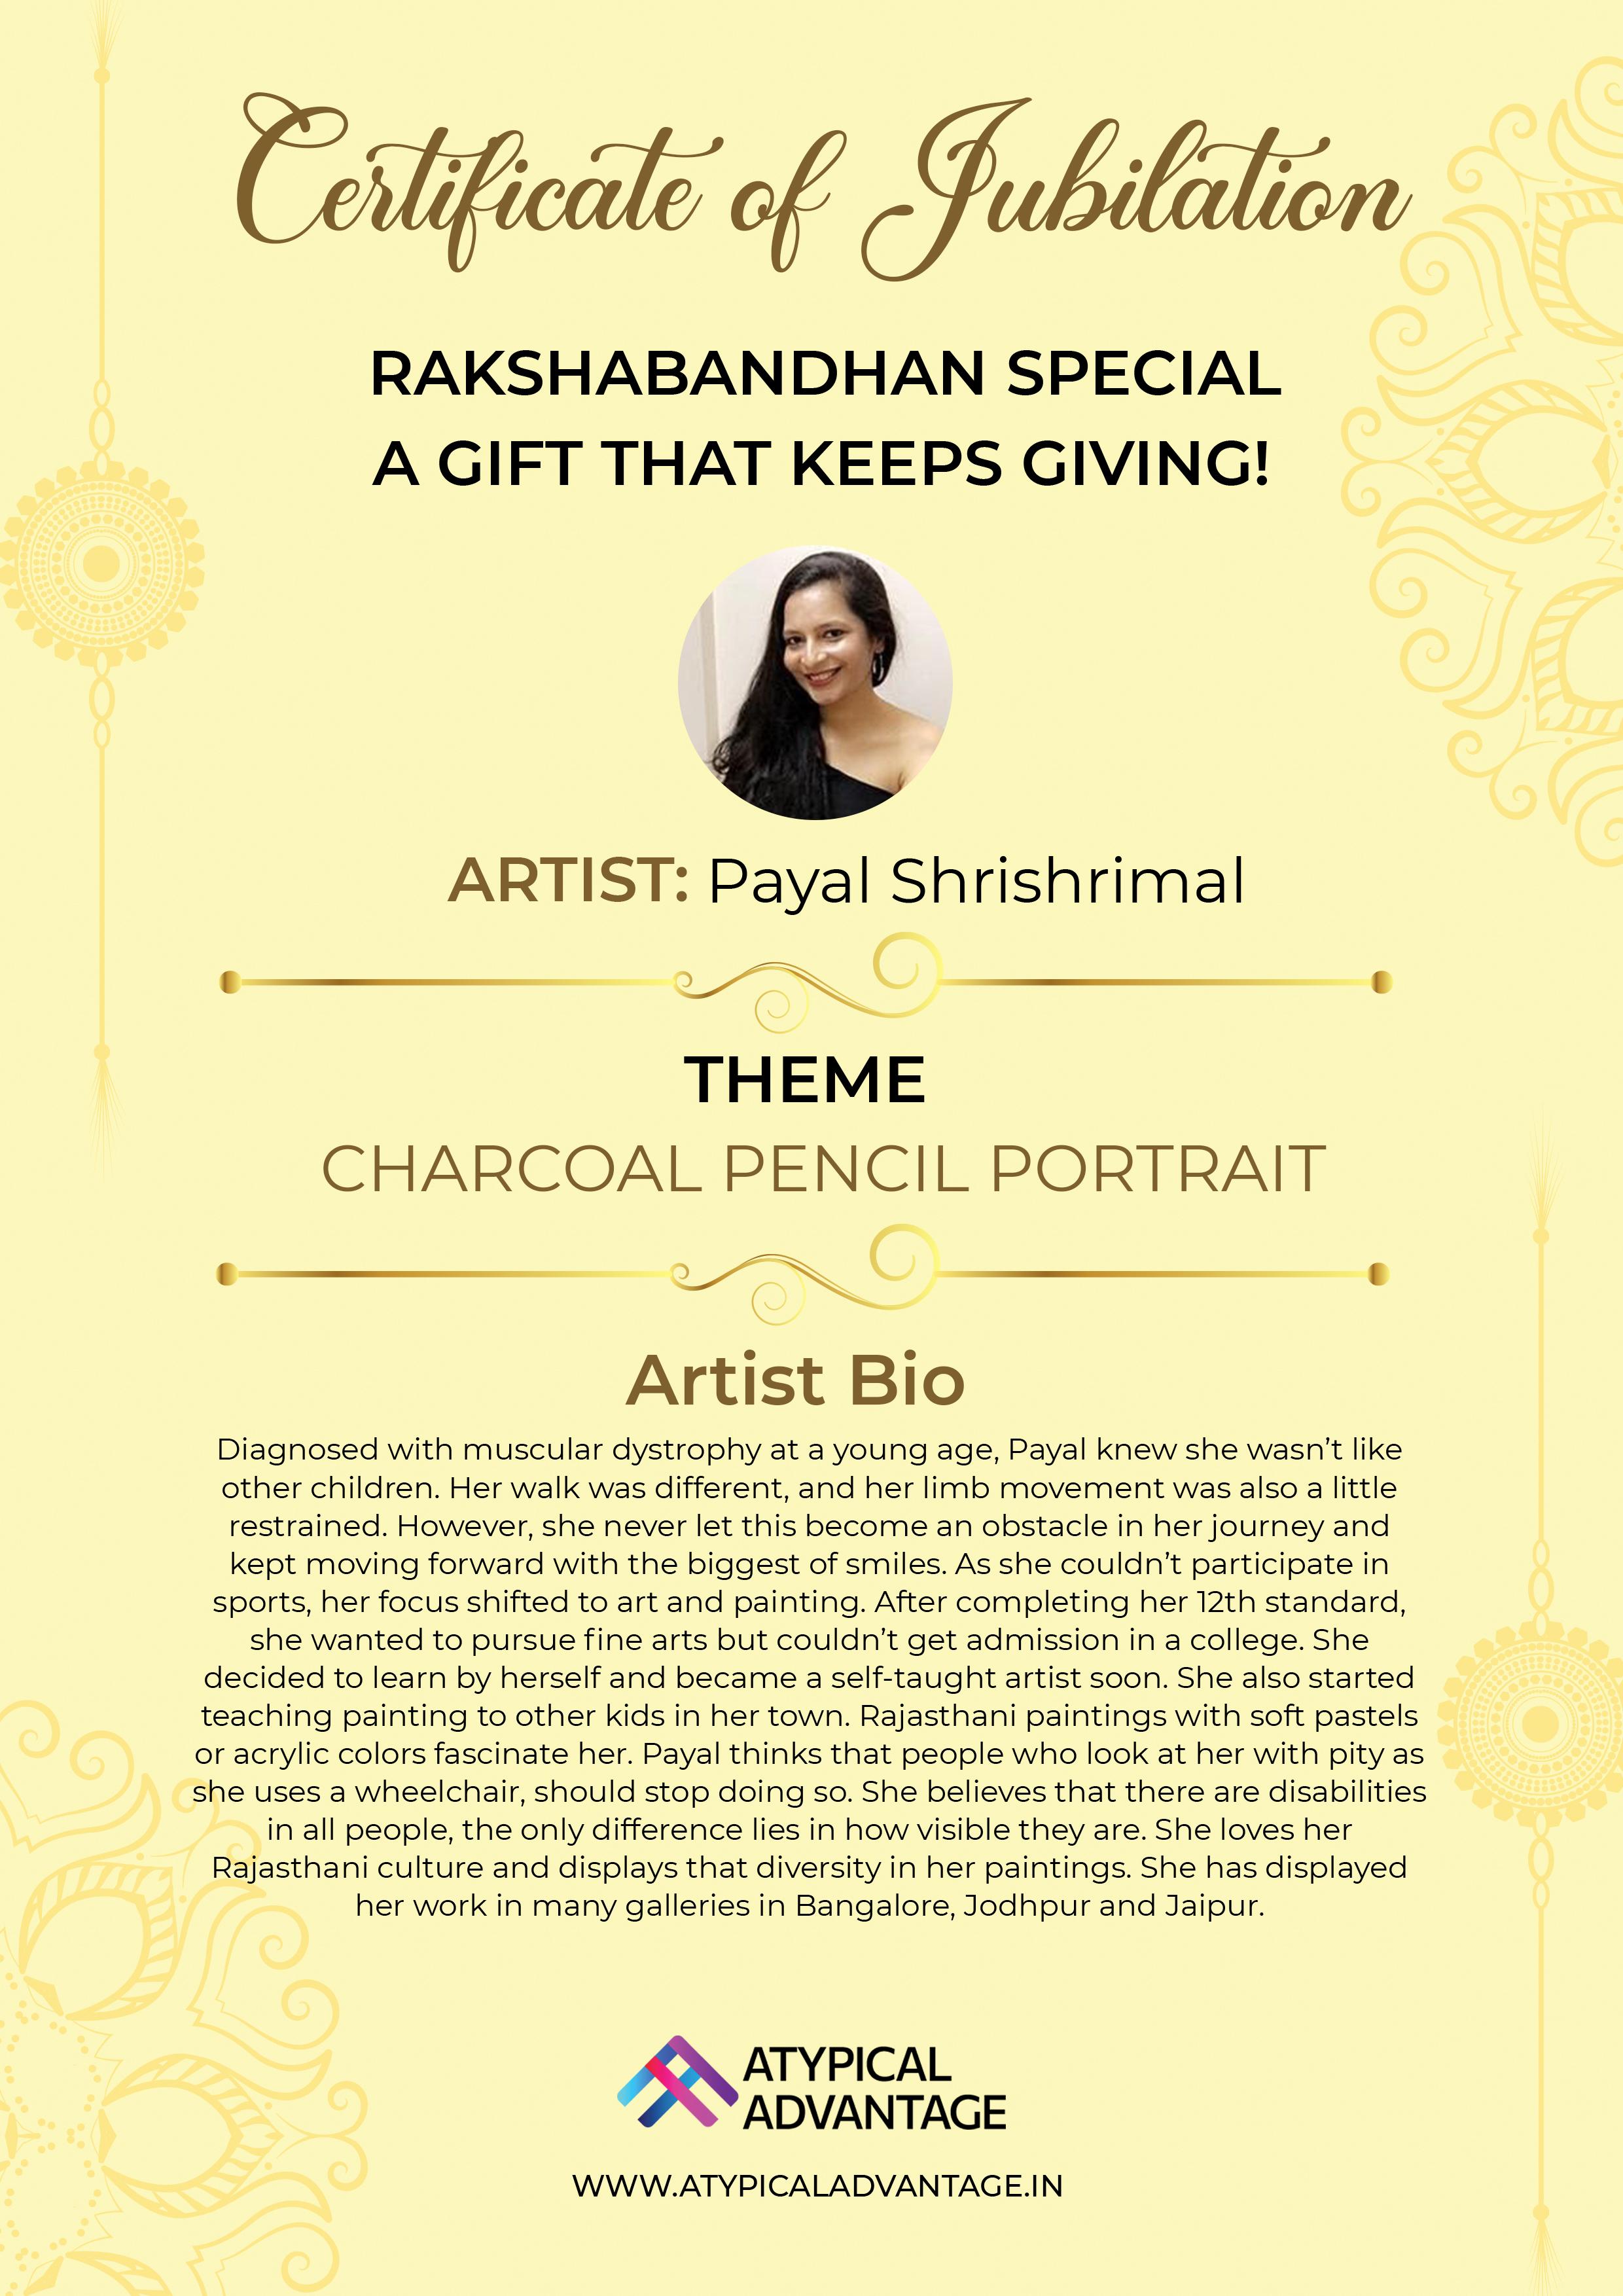 Charcoal Pencil Portrait Slider 3/5